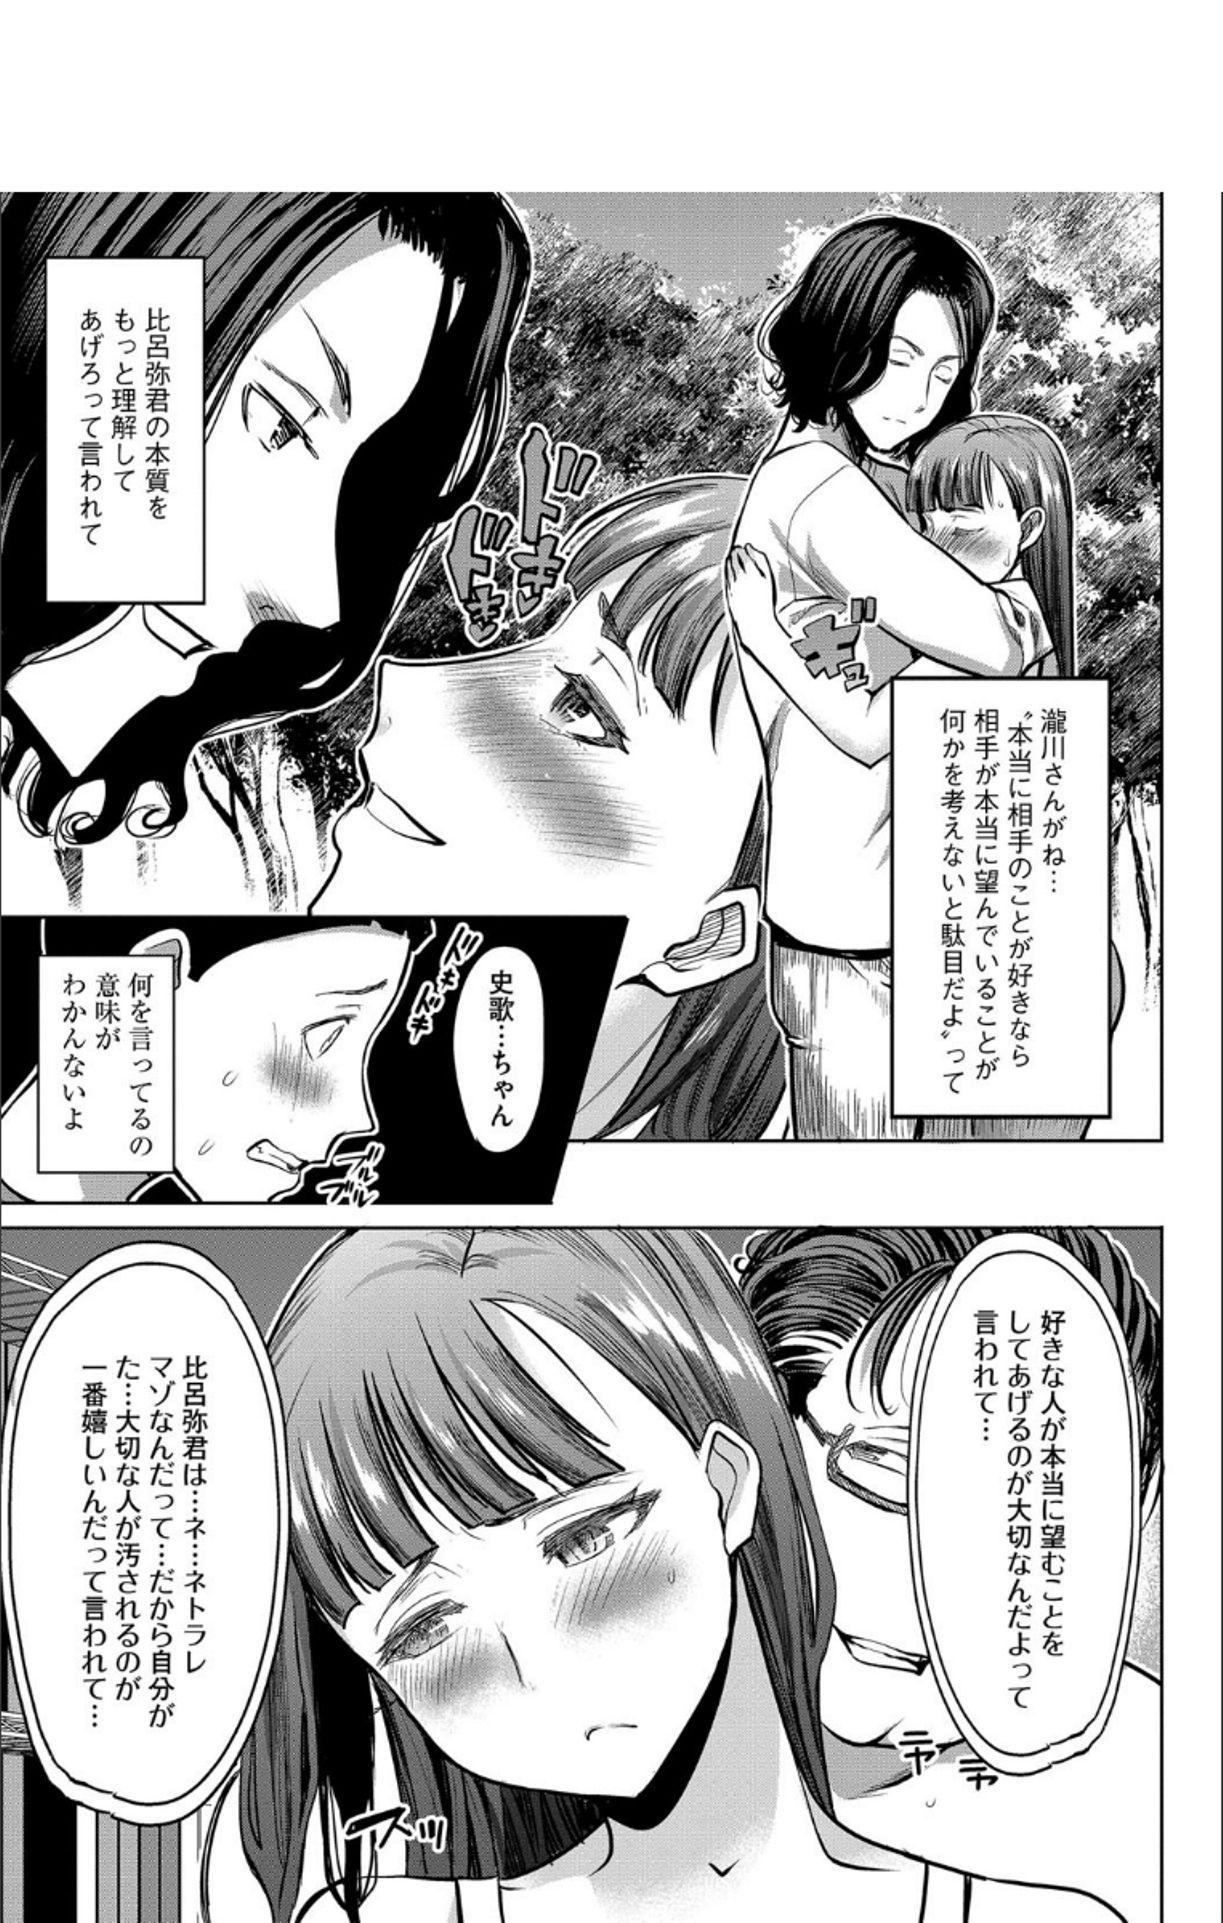 Boku no Kazoku o Sarashimasu + DMM Gentei Tokuten Paper 191